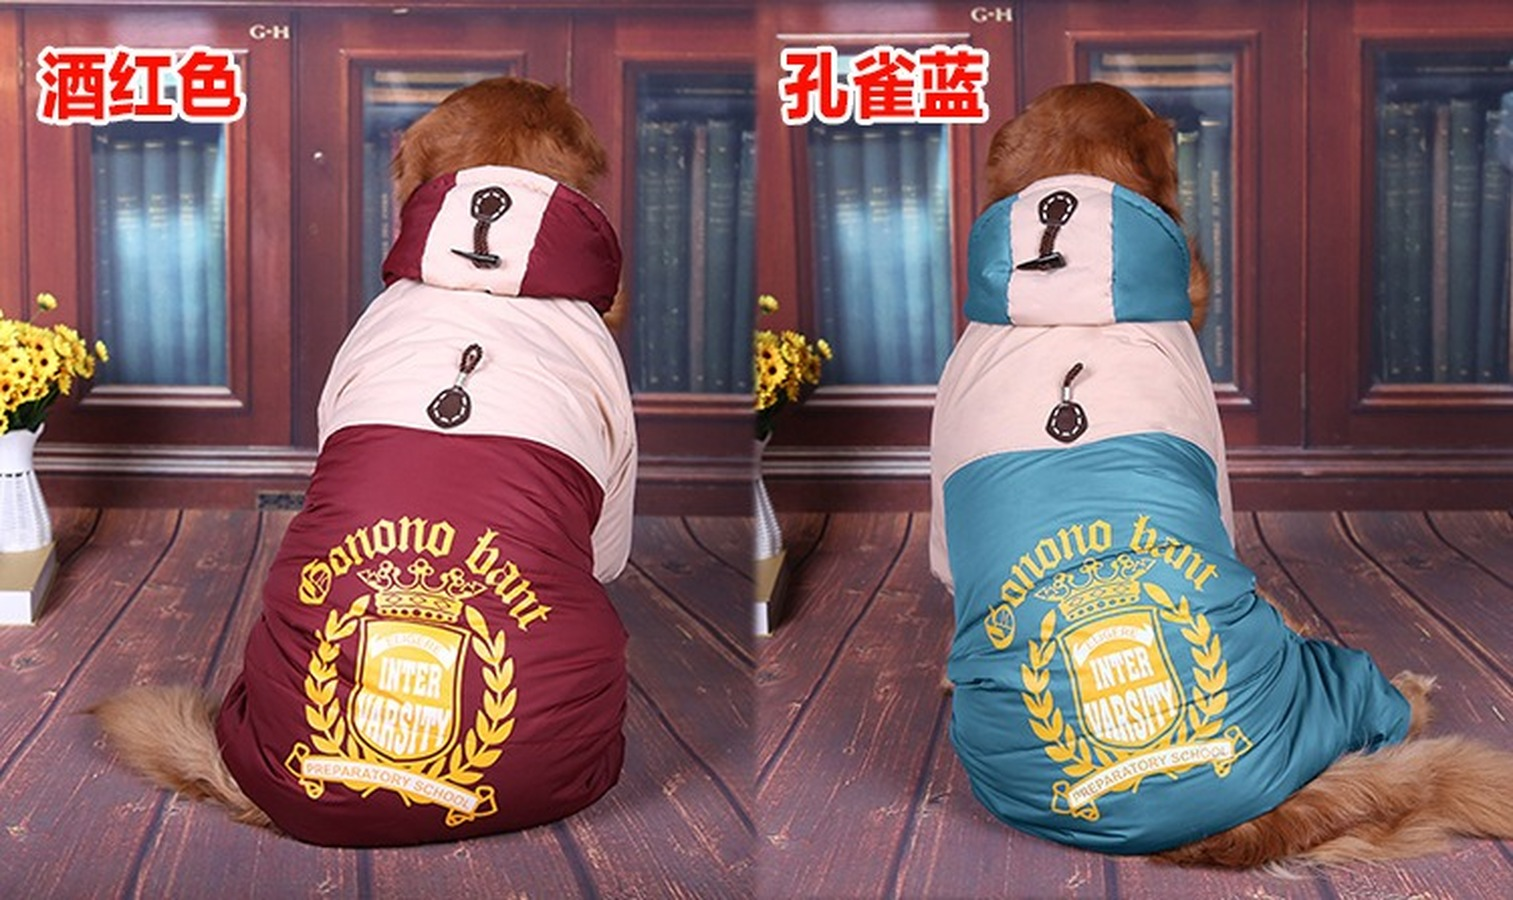 Image 5 - Осенне зимние теплые четырехногие куртки золотой ретривер/Аляска  маламут/самоед средних и больших собак аксессуары для одеждыПальто и  куртки для собак